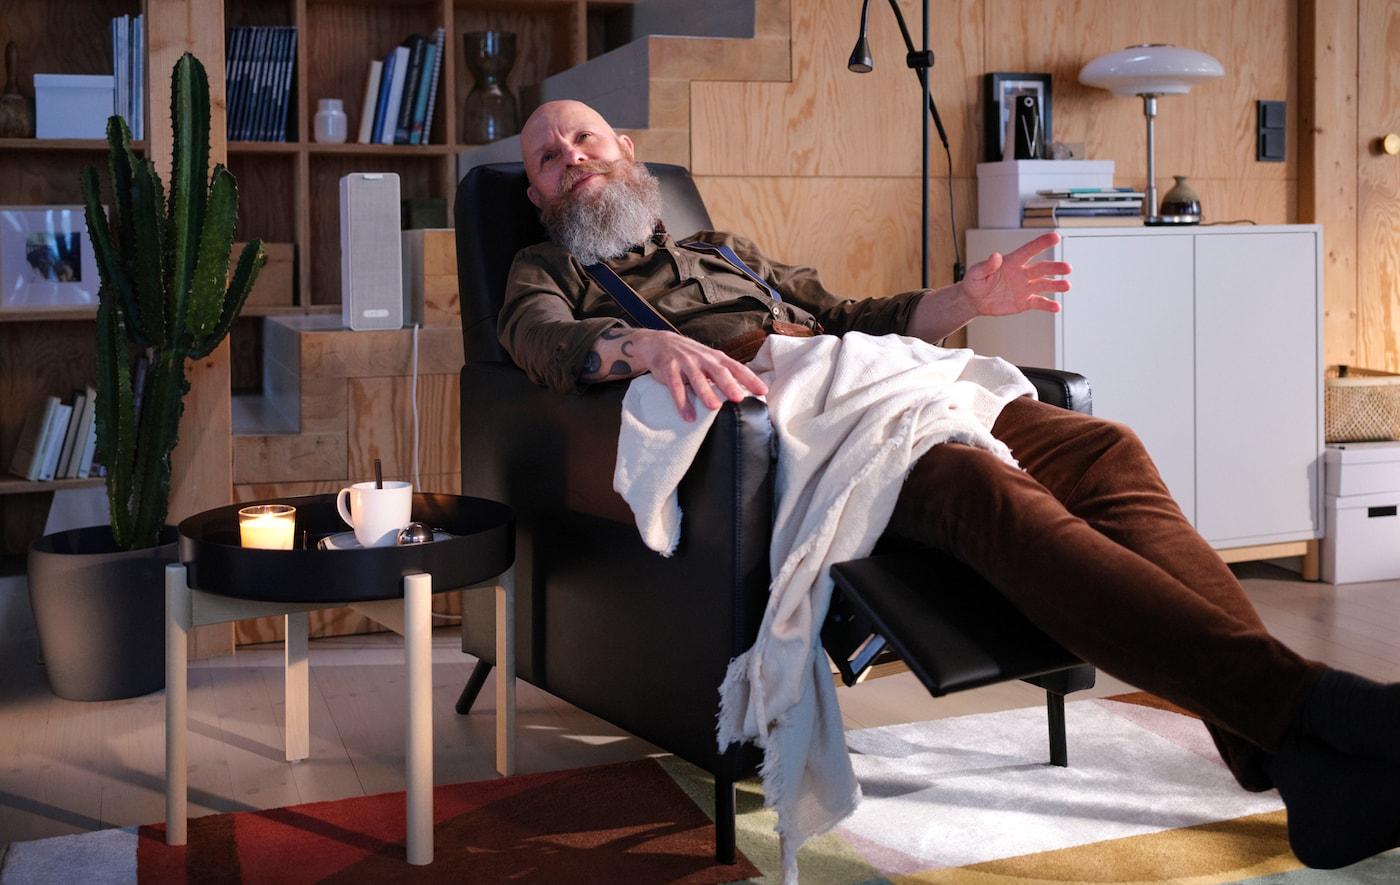 Egy ember egy fekete GISTAD pihenőszékben ül hátradőlve és betakarva, és a fehér SYMFONISK WiFi hangszóróból szóló zenét hallgatja.